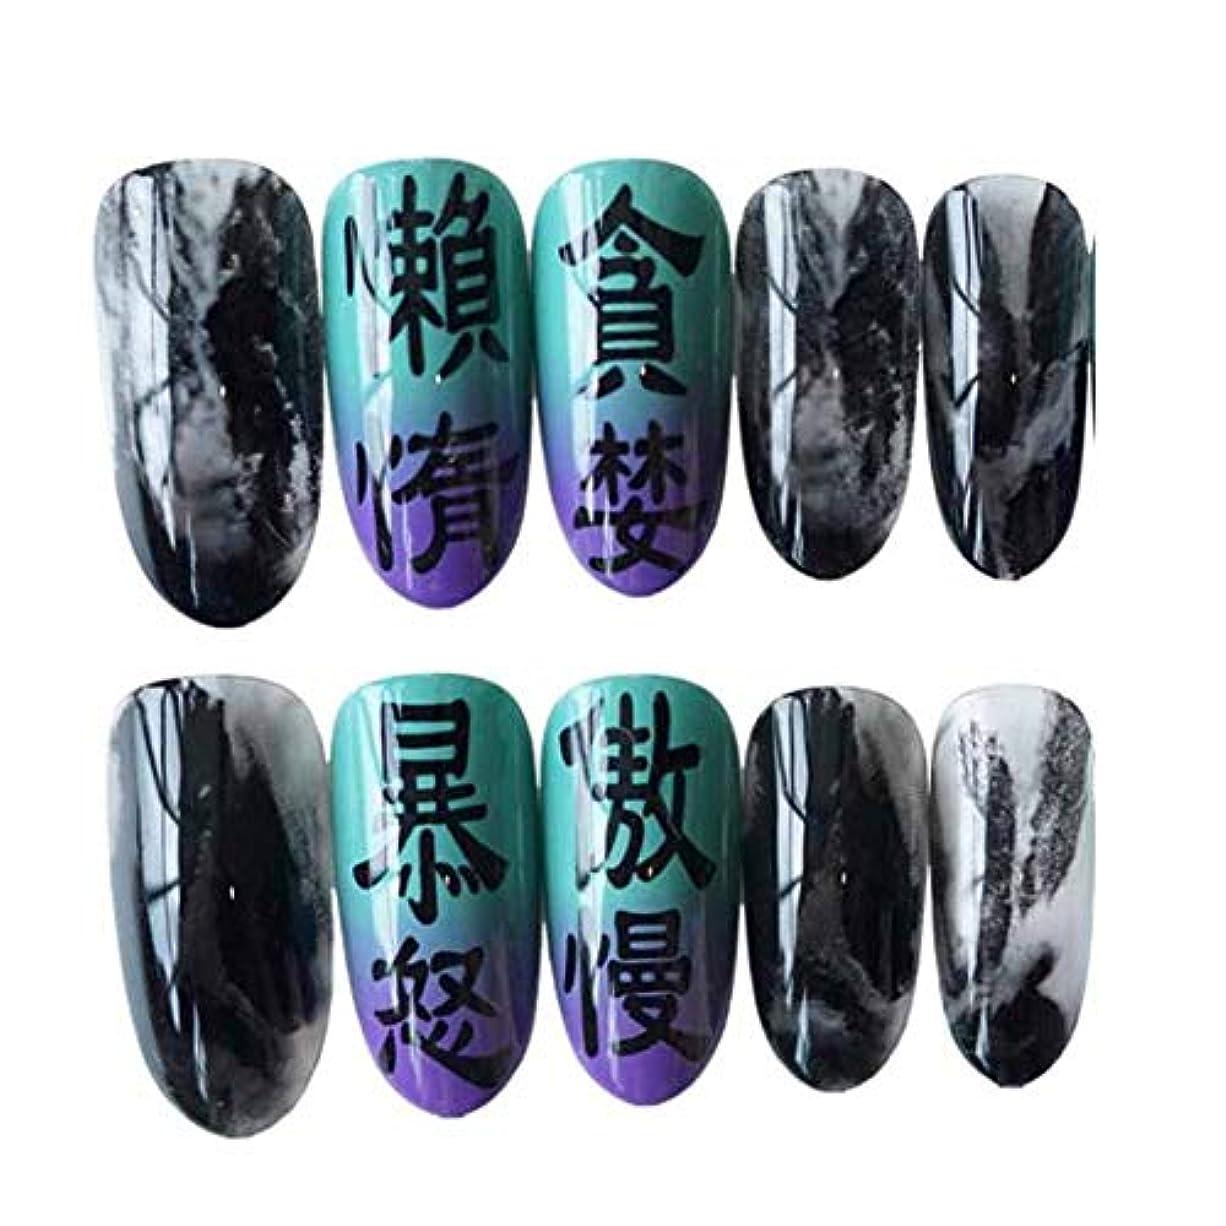 許容できる蒸気クラウド嫉妬 - 紫/黒のシャープな偽の指爪人工的な偽の爪のヒント暗い